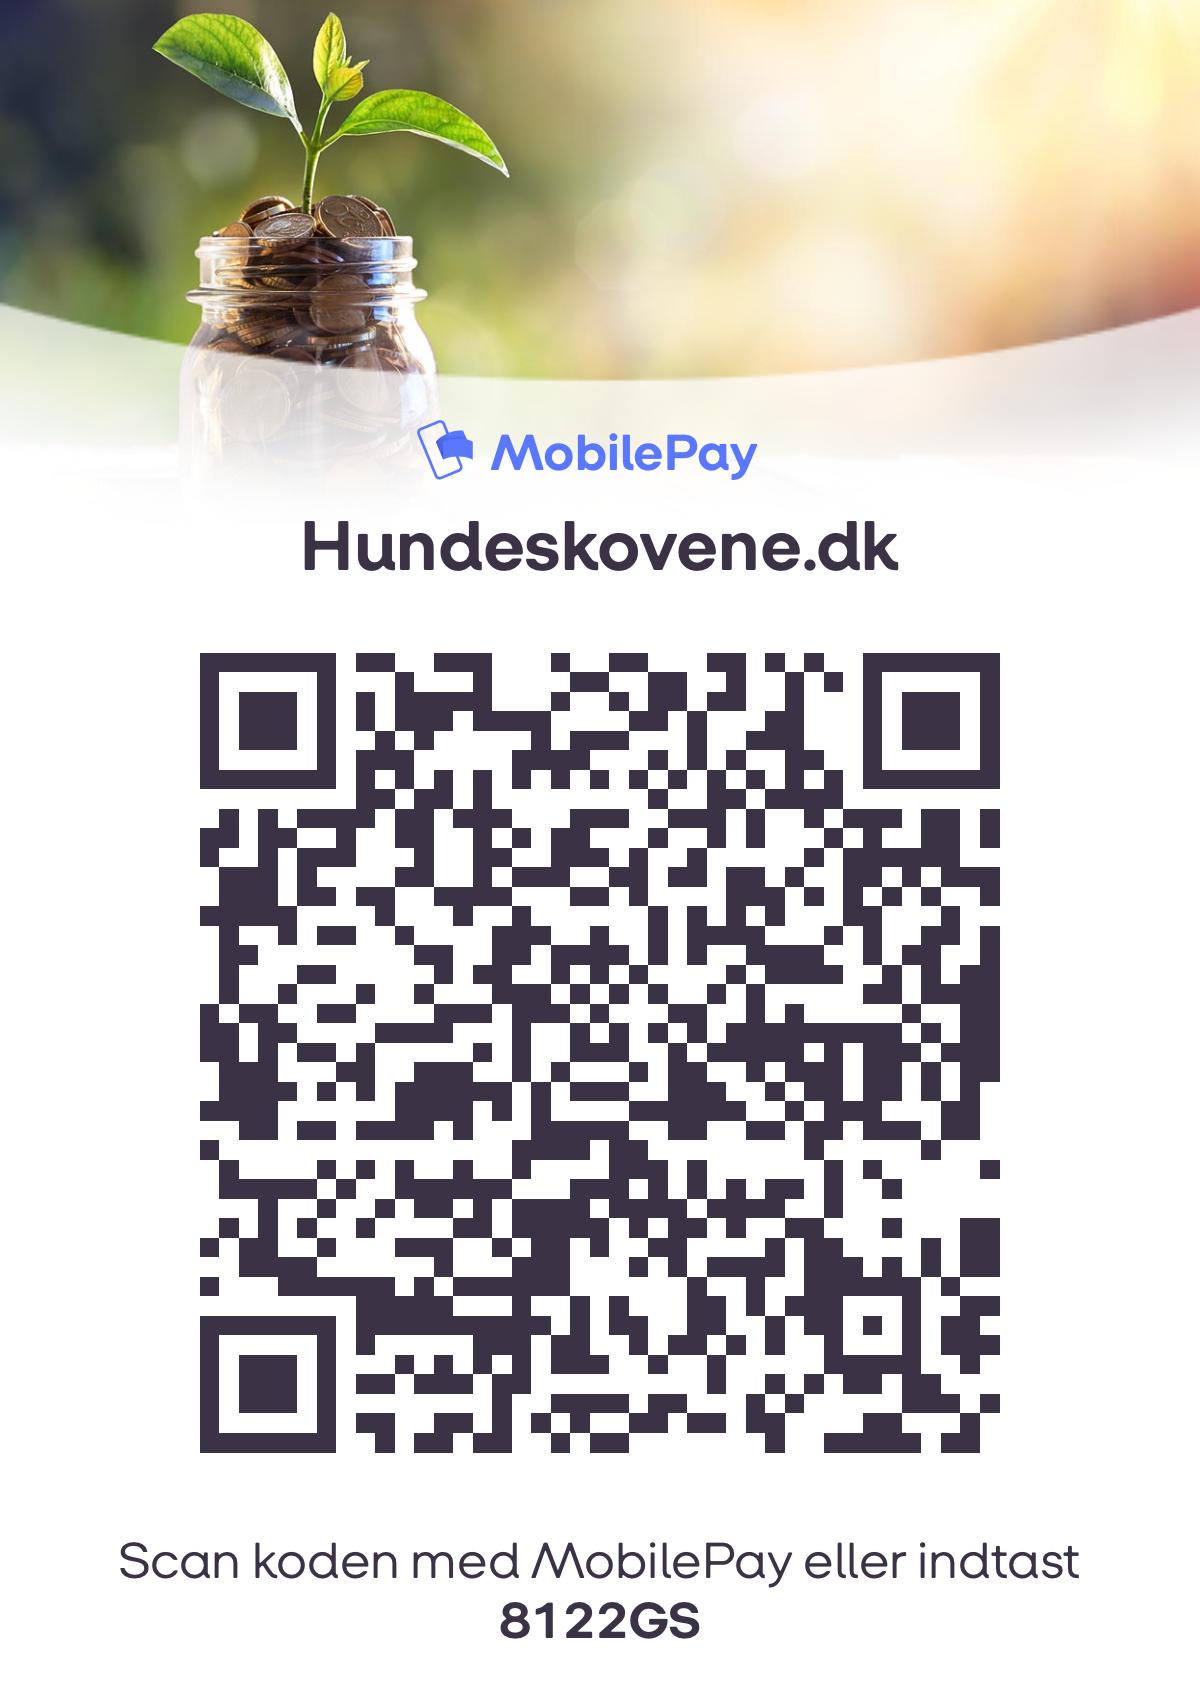 Støt Hundeskovene.dk via Mobilepay